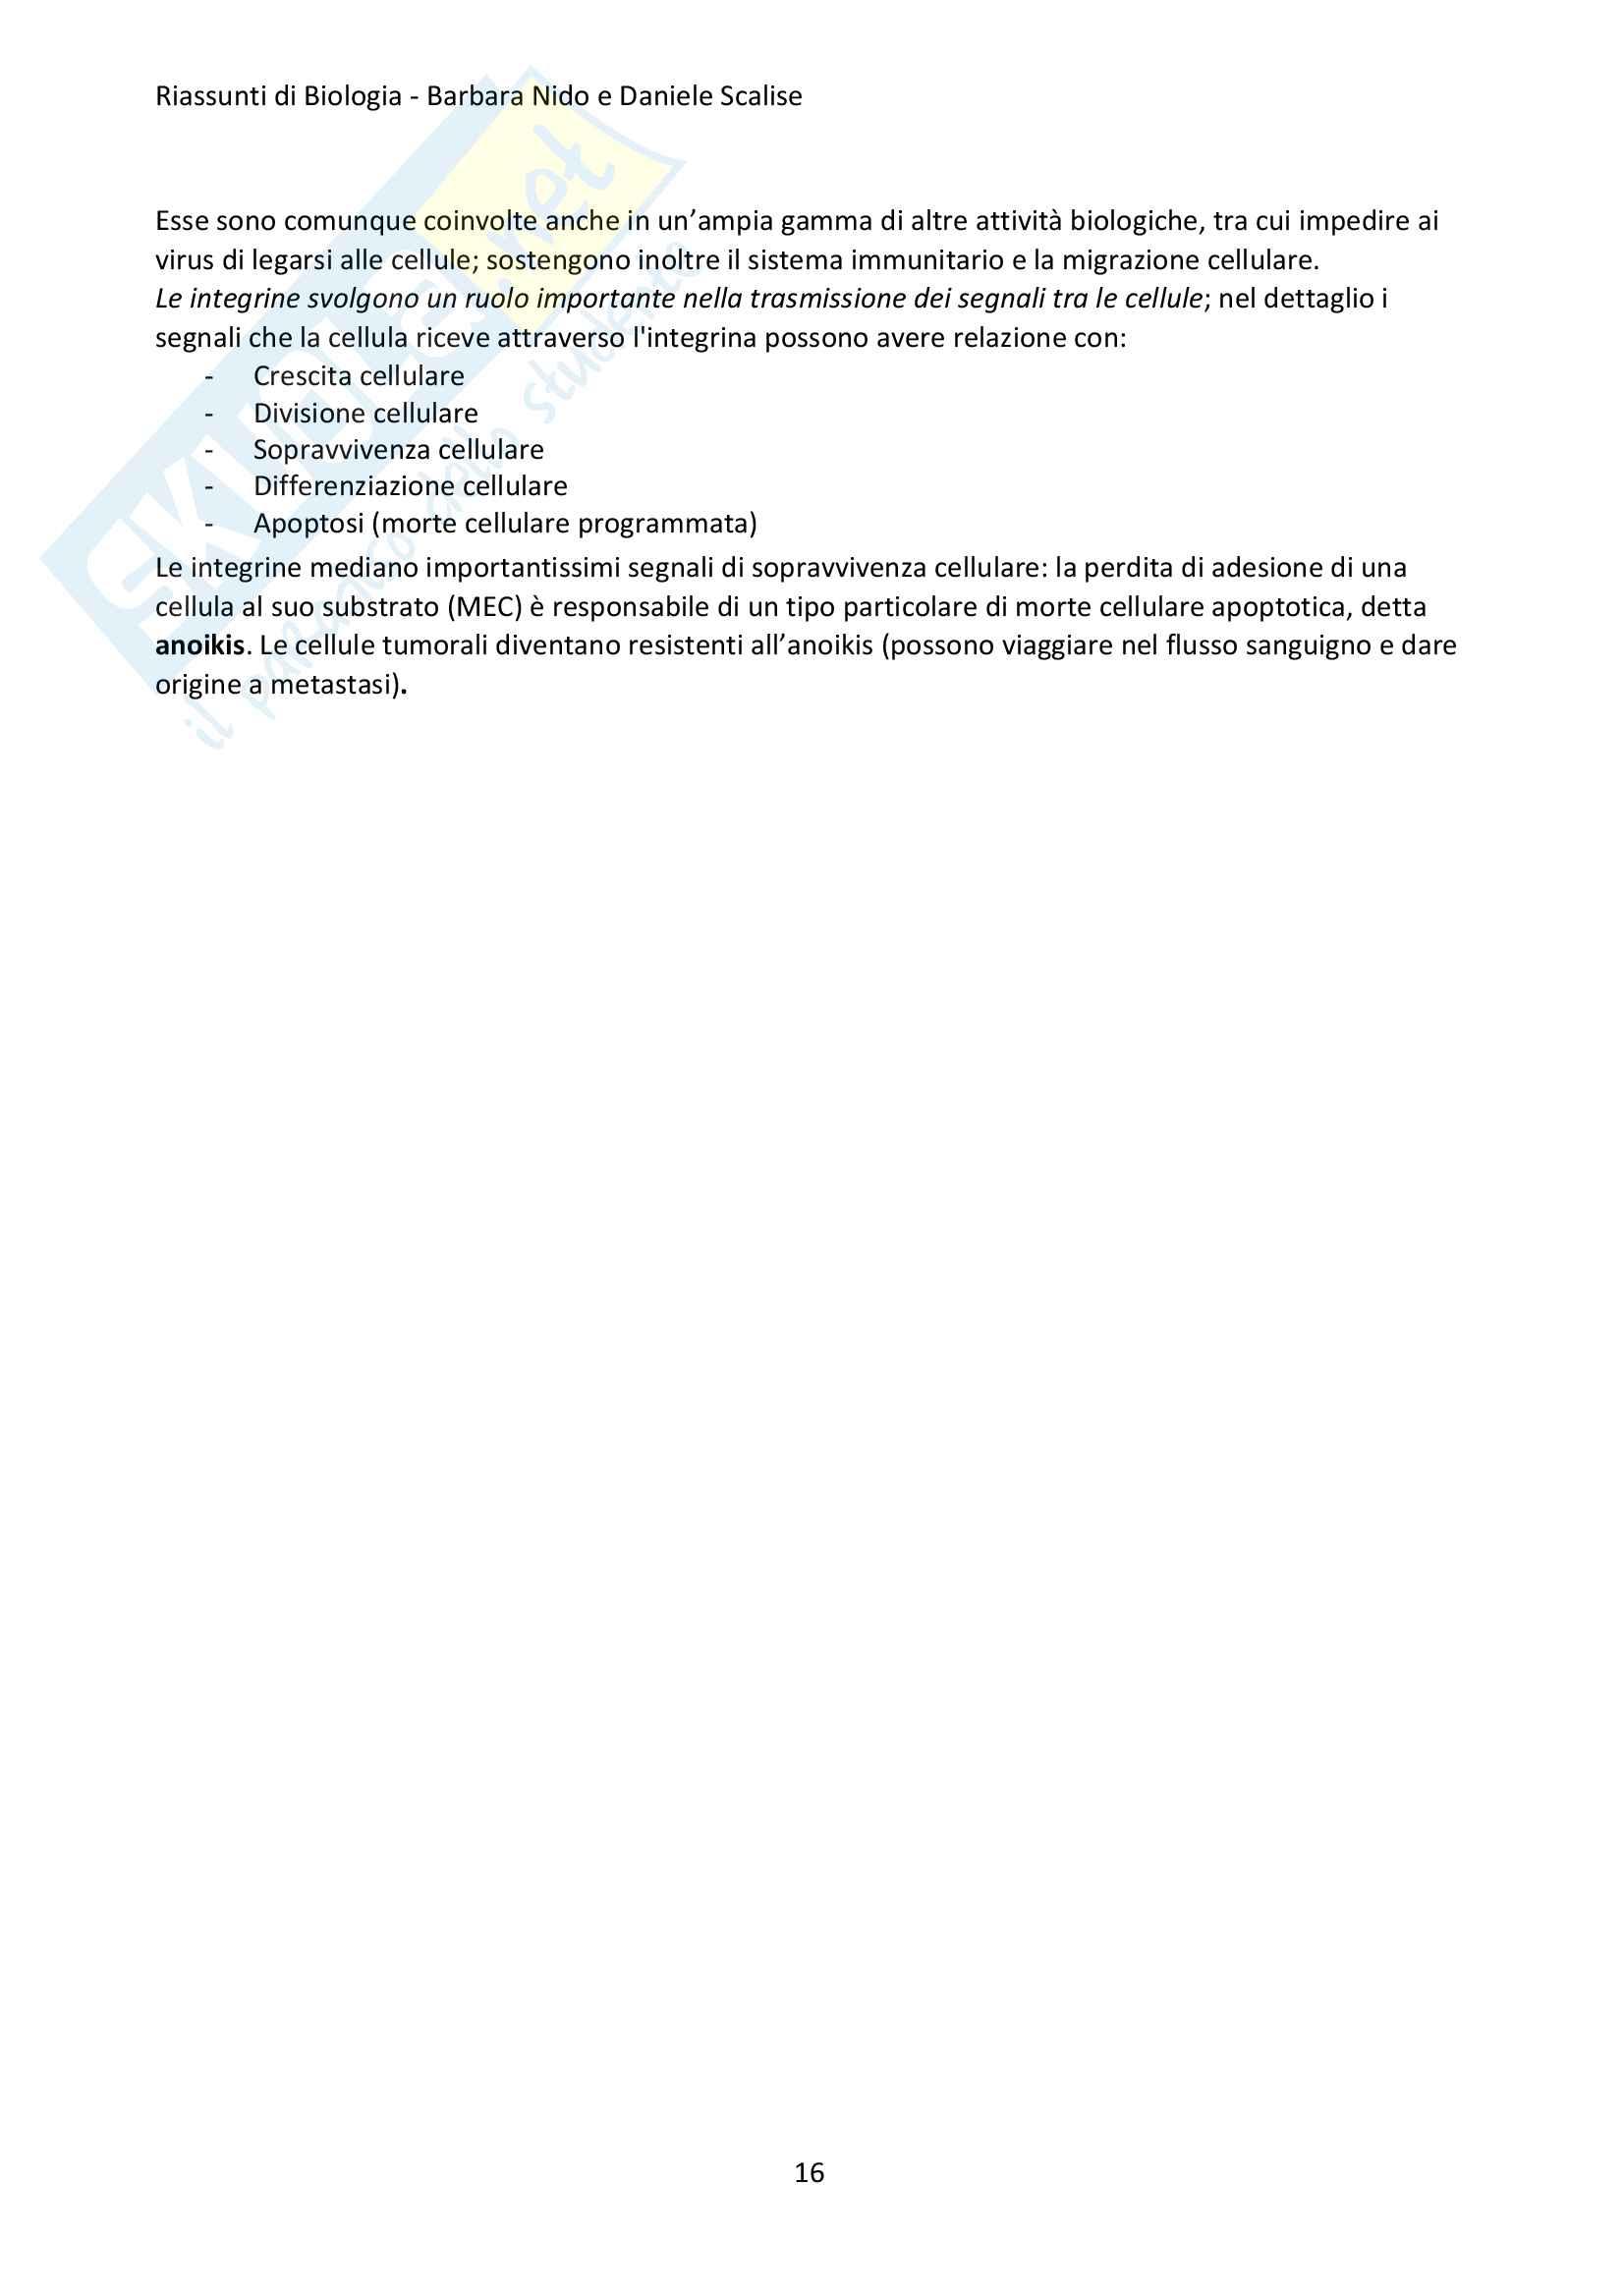 Riassunto Biologia Pag. 16